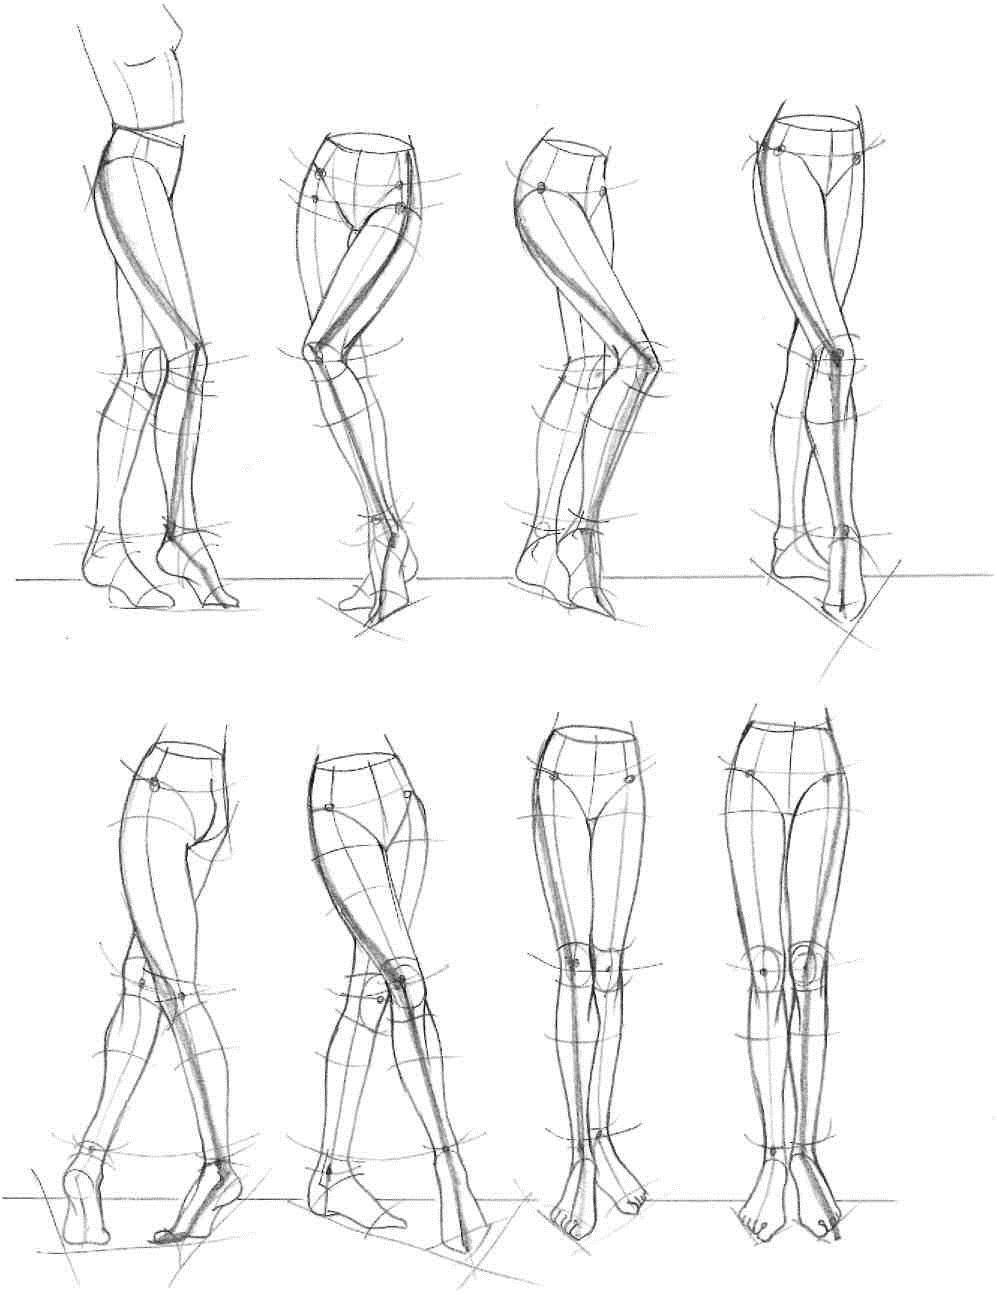 Учимся каркасной лепке. Создание каркаса. Лепка ног человека.